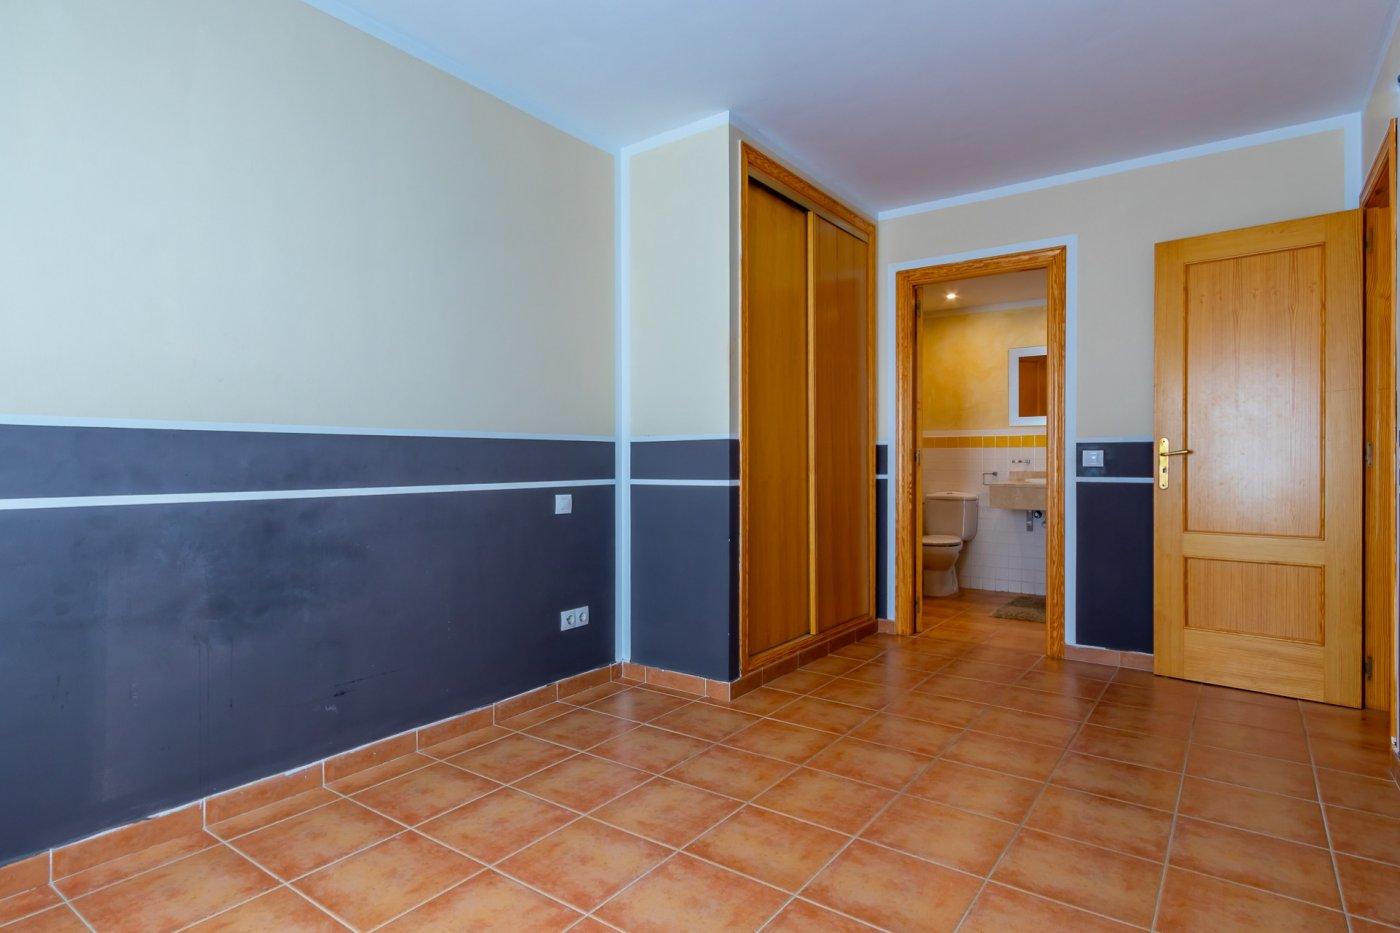 Vivienda de vpo en campos ! 97m 3 dormitorios - imagenInmueble19